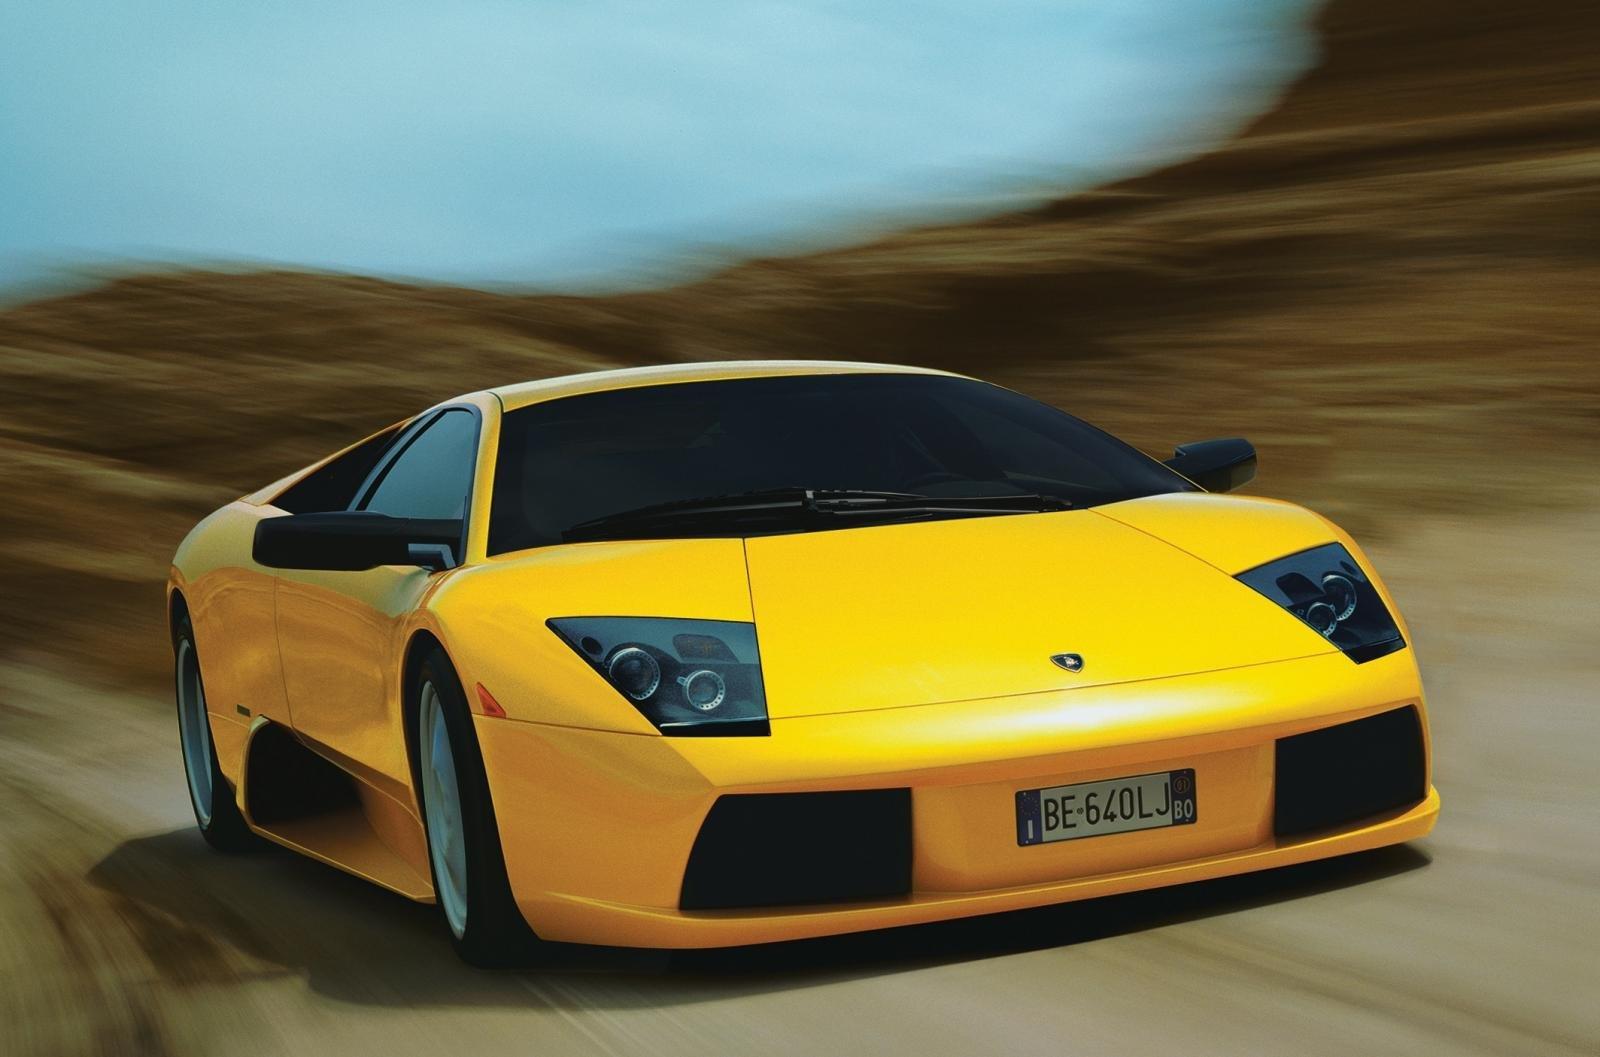 Lamborghini Murciélago - 1 trong các dòng xe Lamborghini nổi bật nhất.